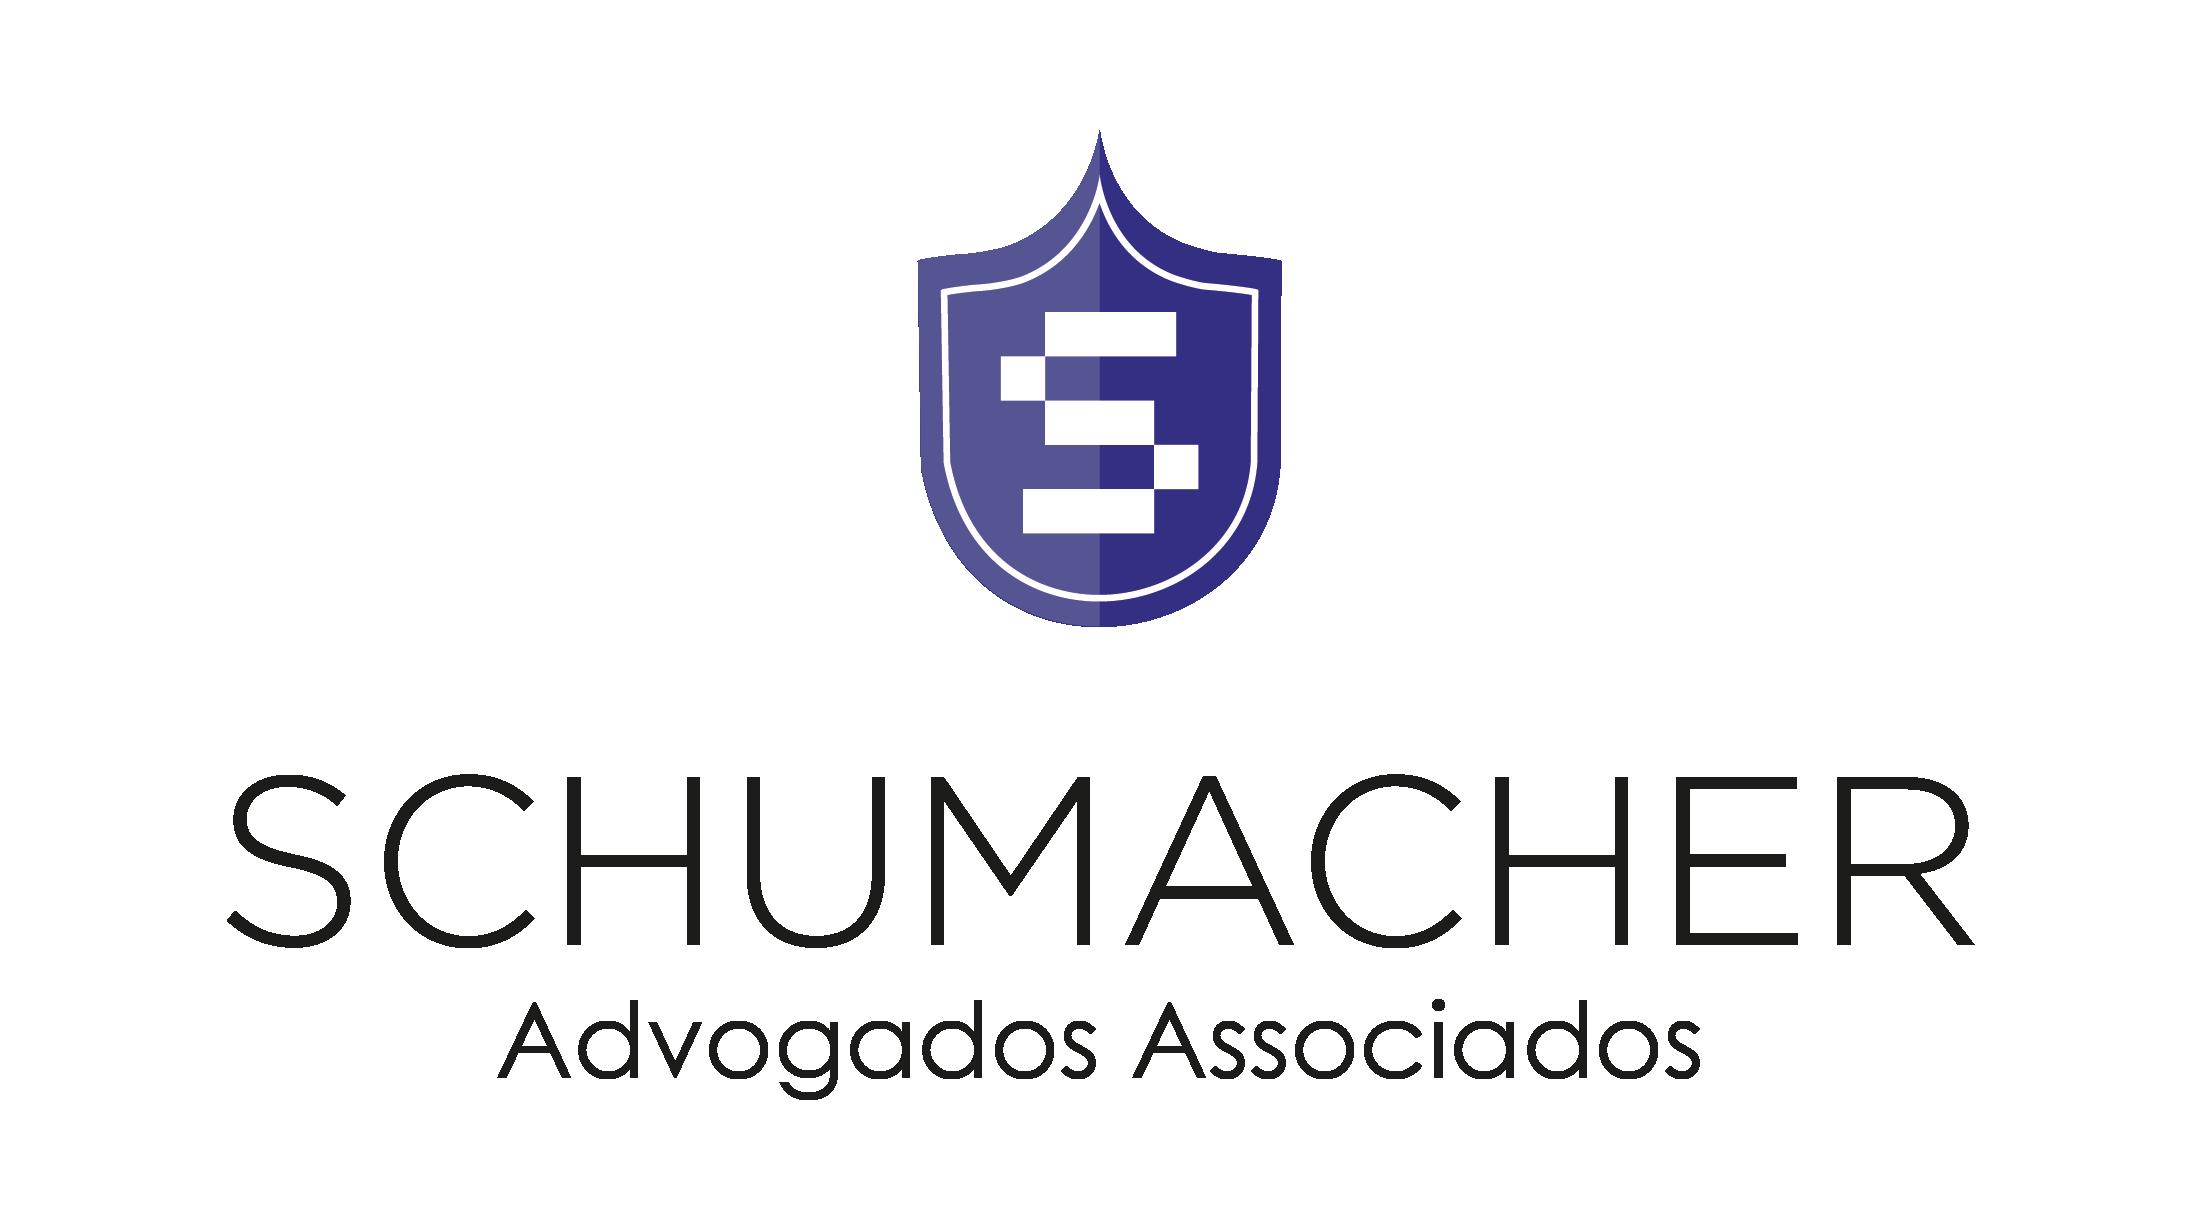 Schumacher Advogados